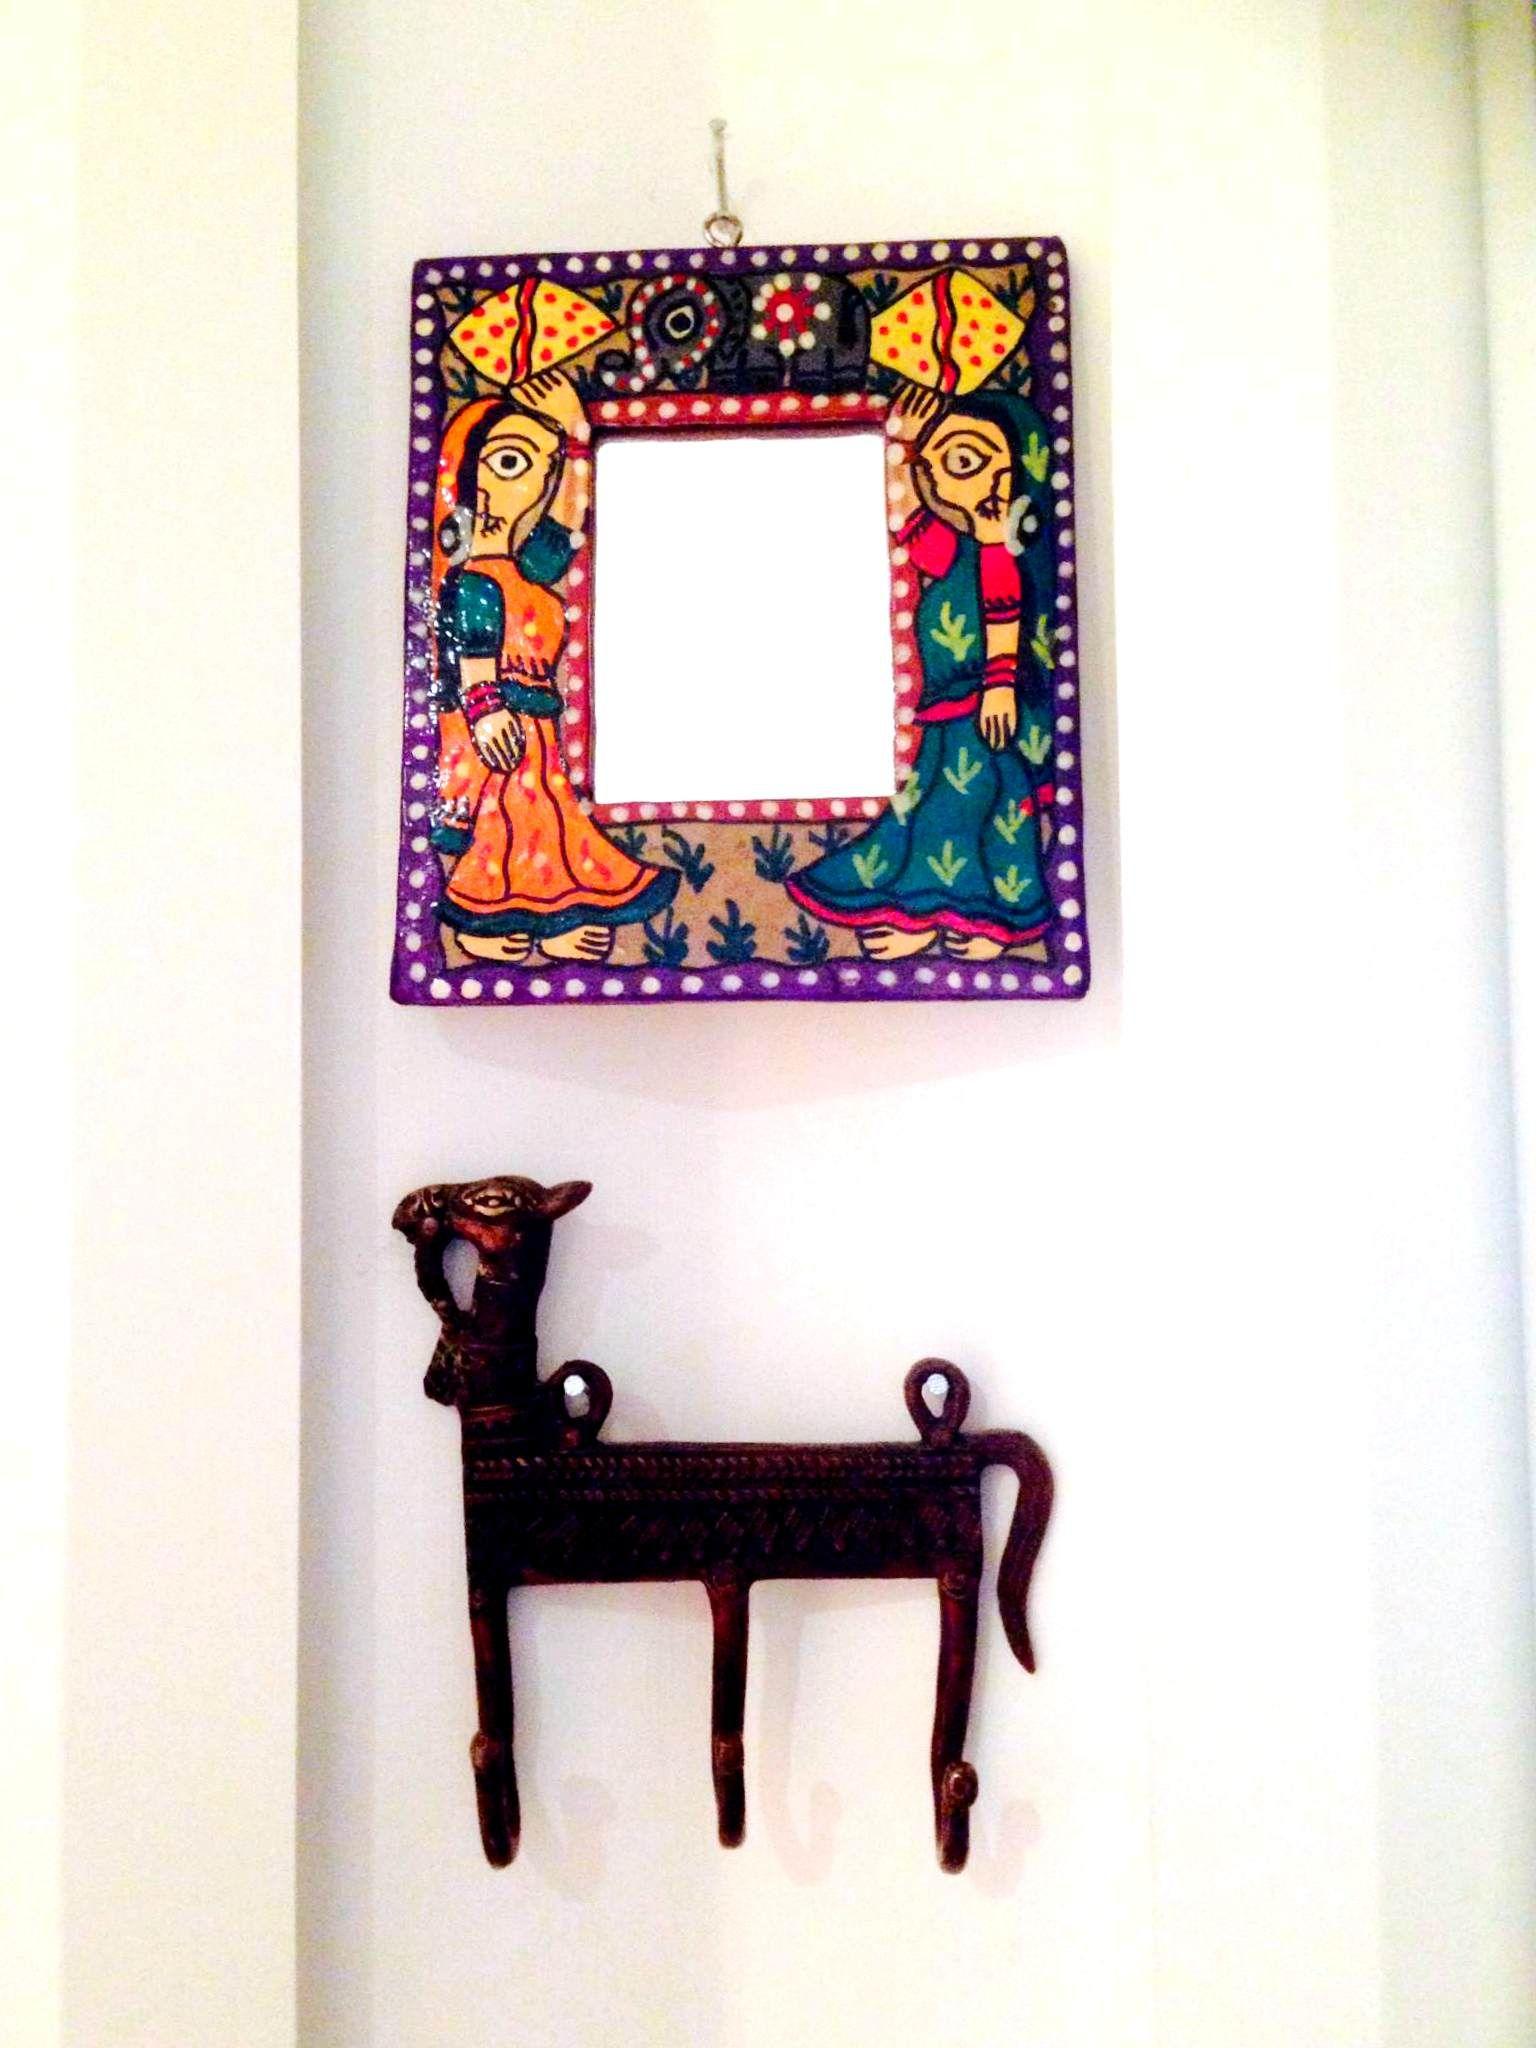 Janakpuri Hand Painted Mirror Frame Biya